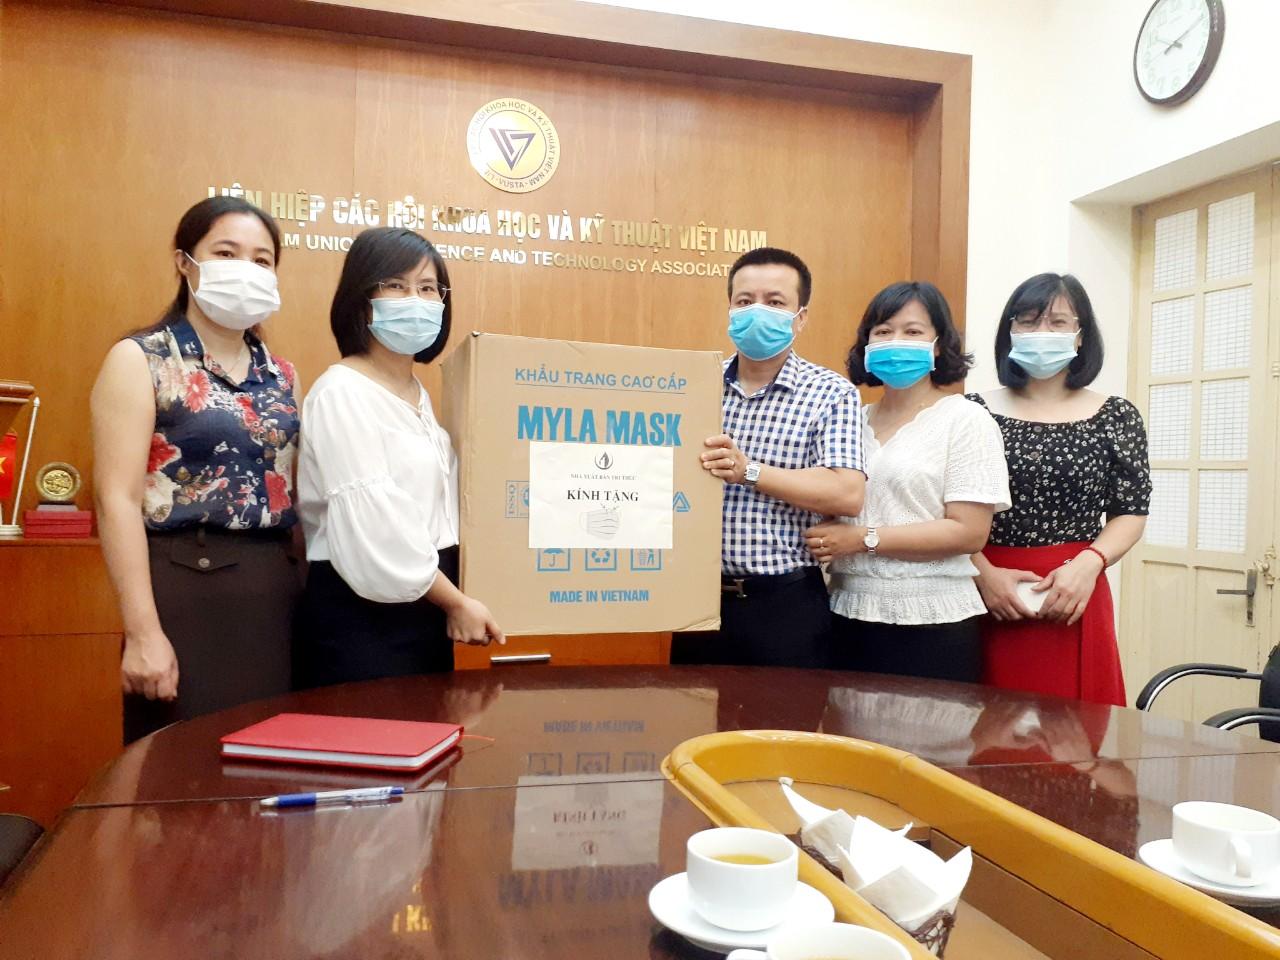 Nhà xuất bản Tri thức trao tặng khẩu trang cho Liên hiệp các Hội Khoa học & Kỹ thuật Việt Nam